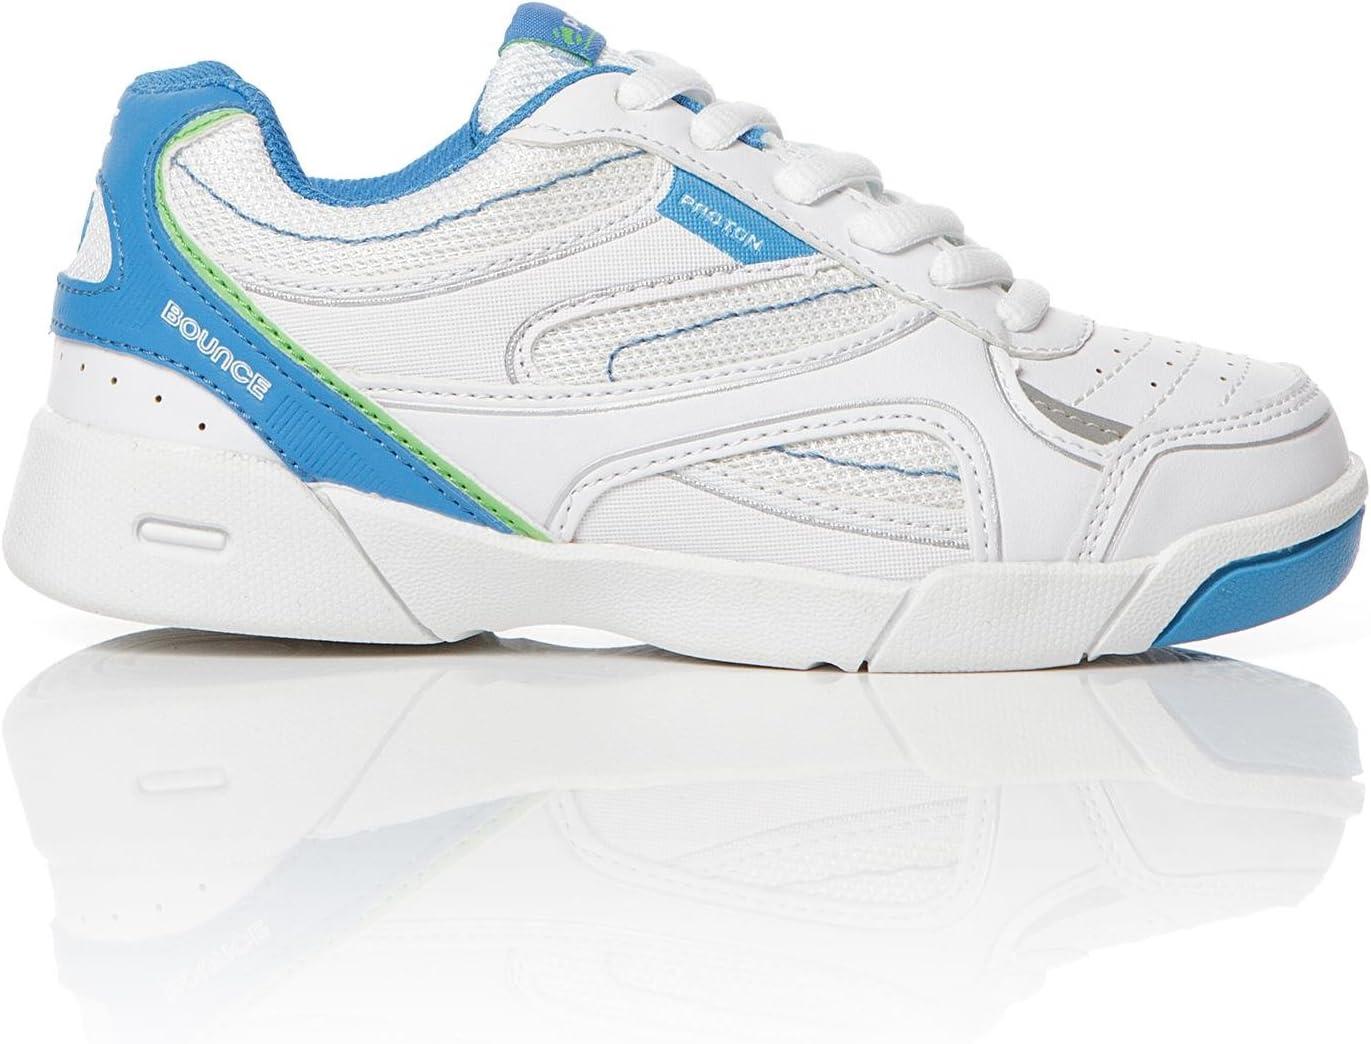 Zapatillas Tenis Blancas Niño Proton (28-35) (Talla: 33): Amazon.es: Deportes y aire libre